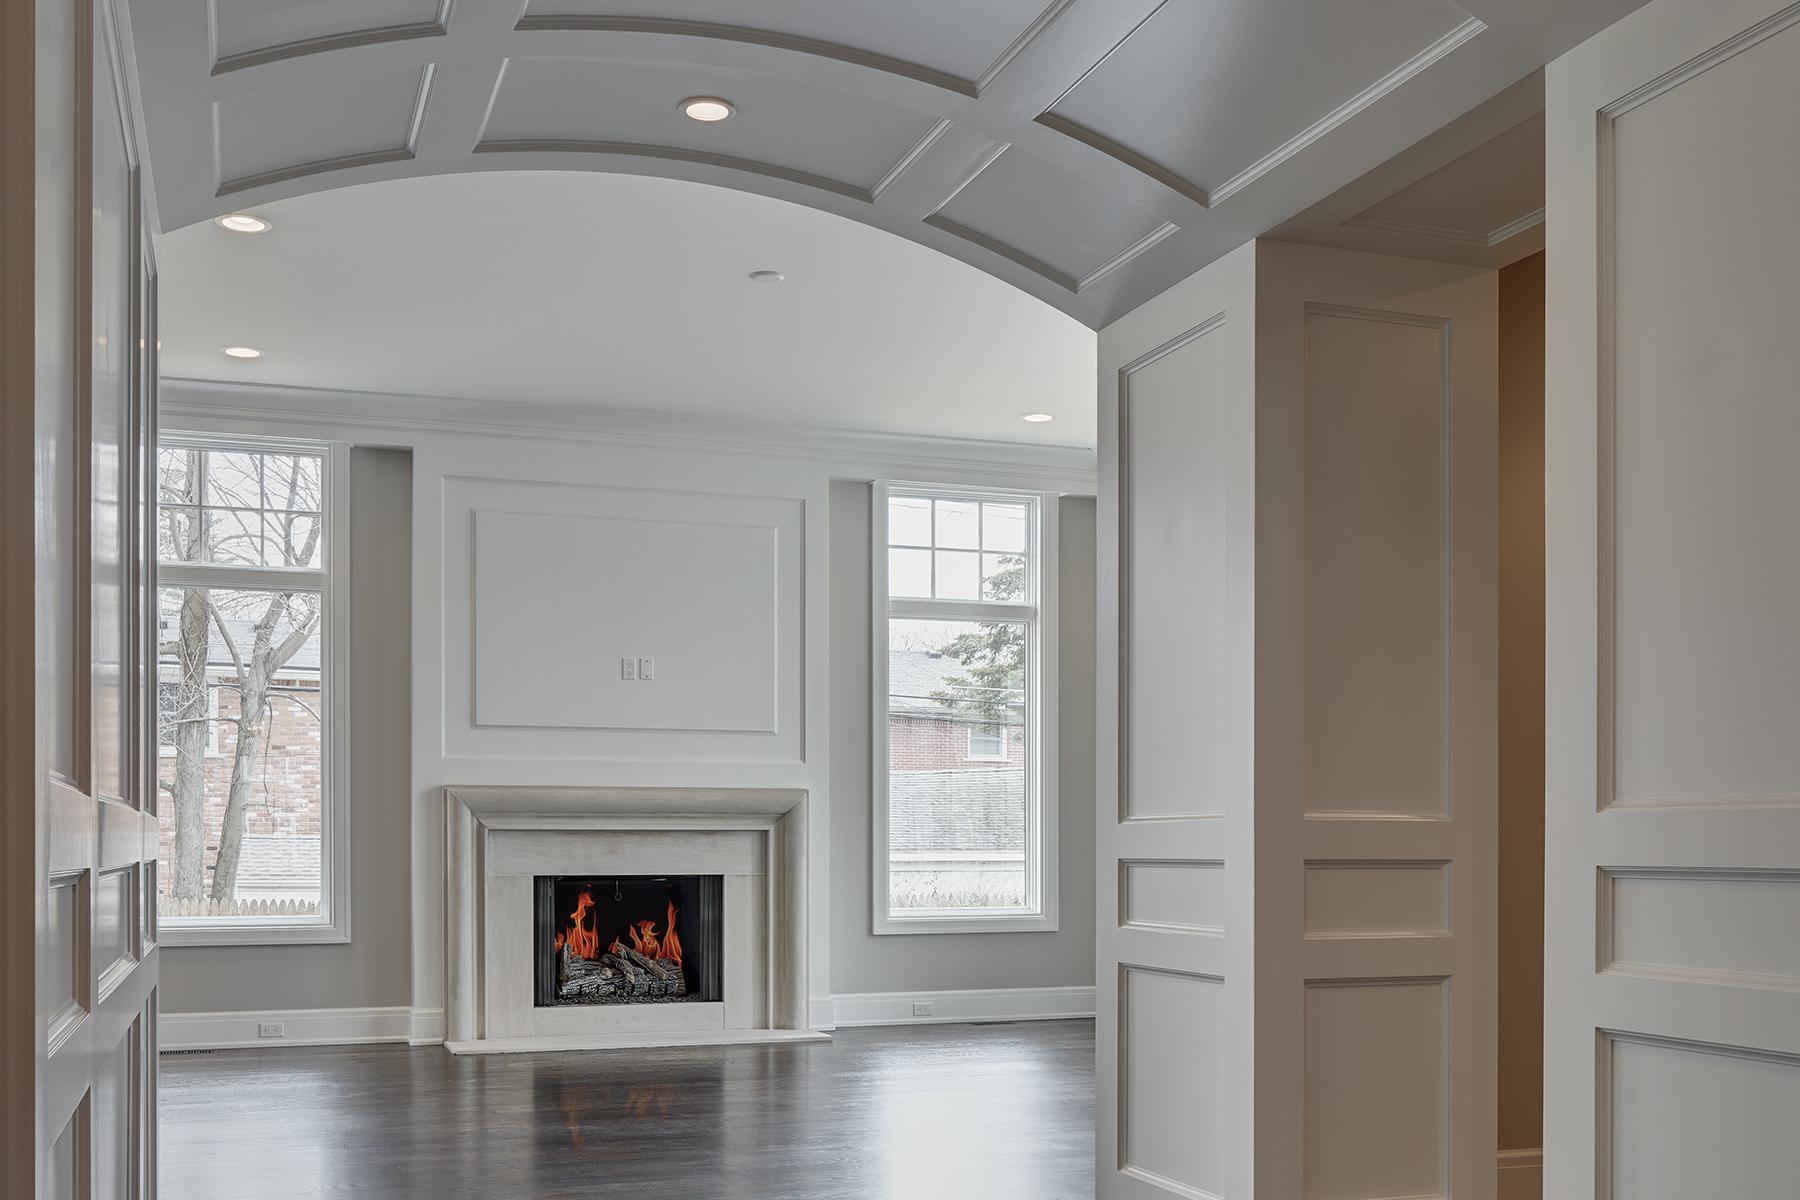 glenhurst fireplace.jpg